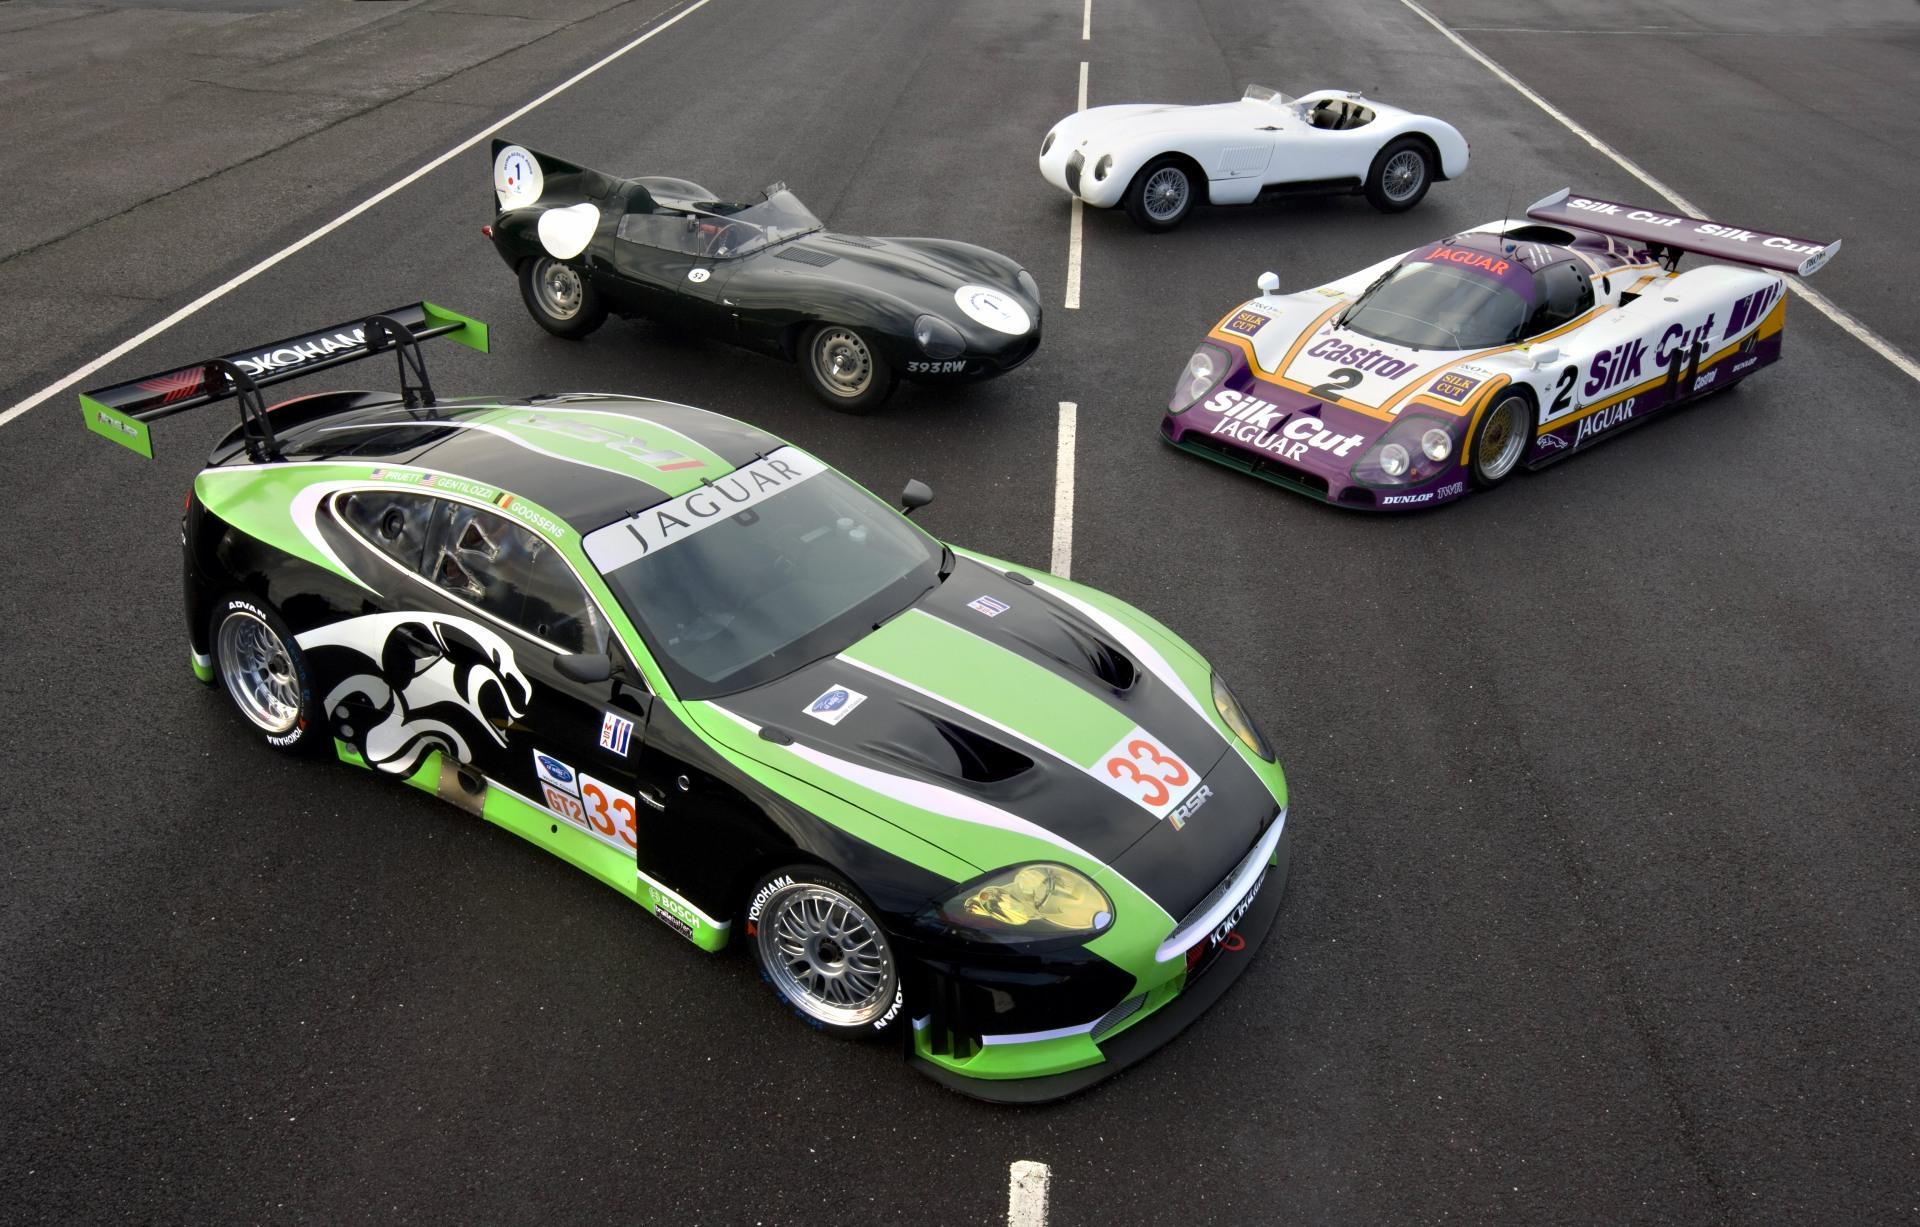 2010 Jaguar XKR GT2 Pictures, News, Research, Pricing - conceptcarz.com